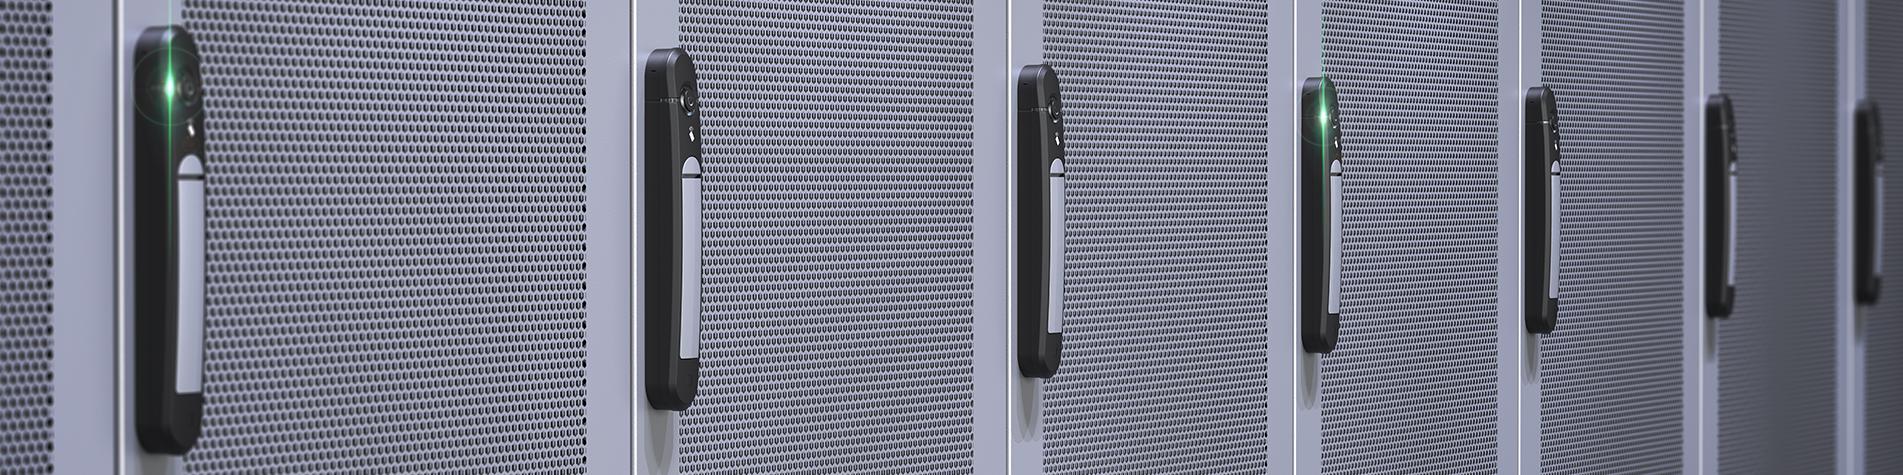 Centros de datos / armarios de servidores